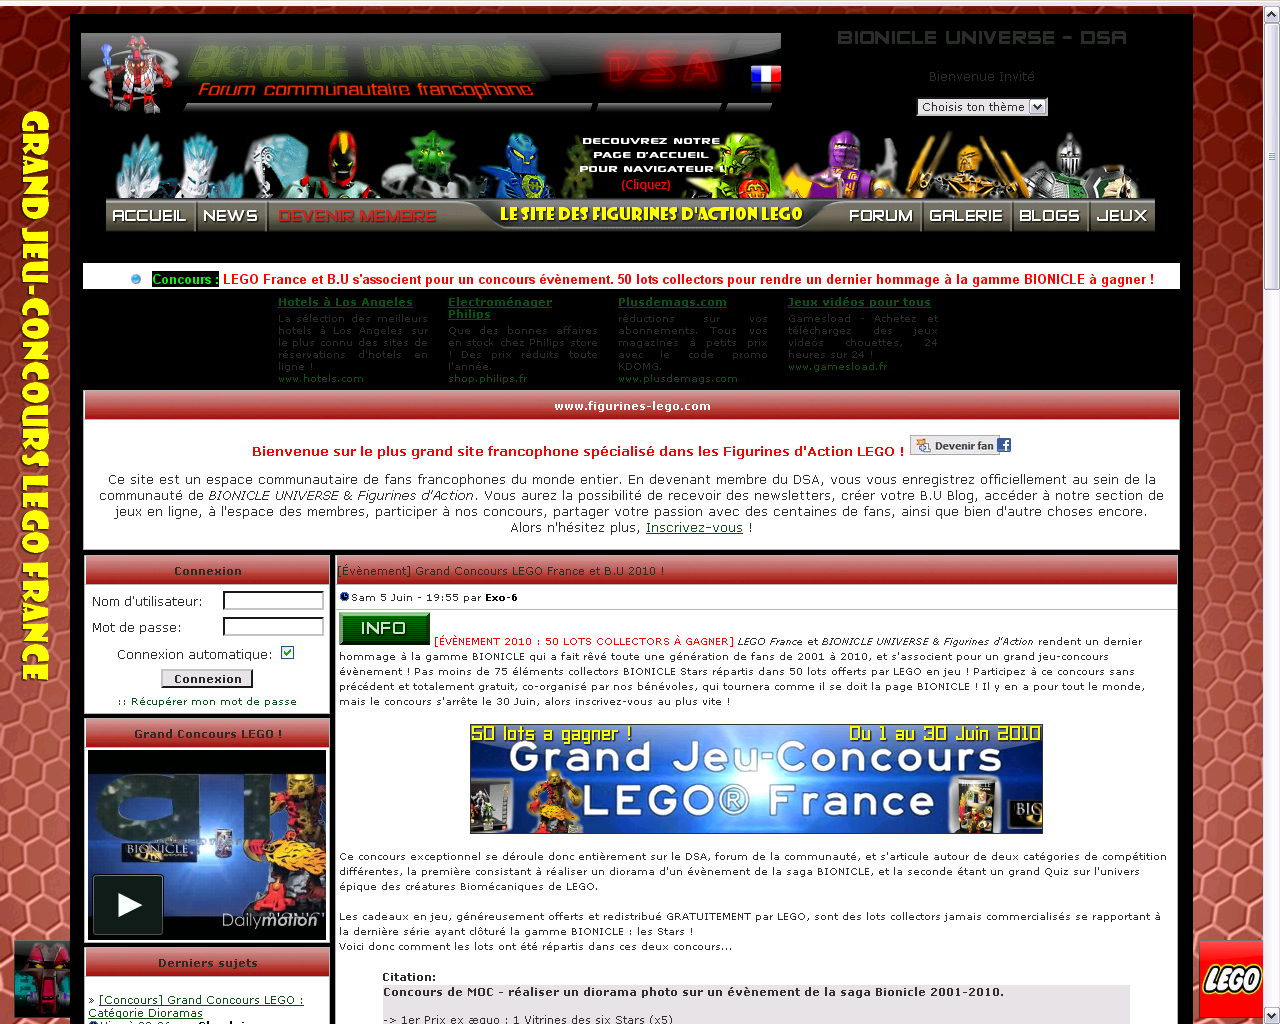 [Blog] Le BIONIFIGS nouveau est arrivé ! - Page 4 Dsa_14-06-2010_homepage